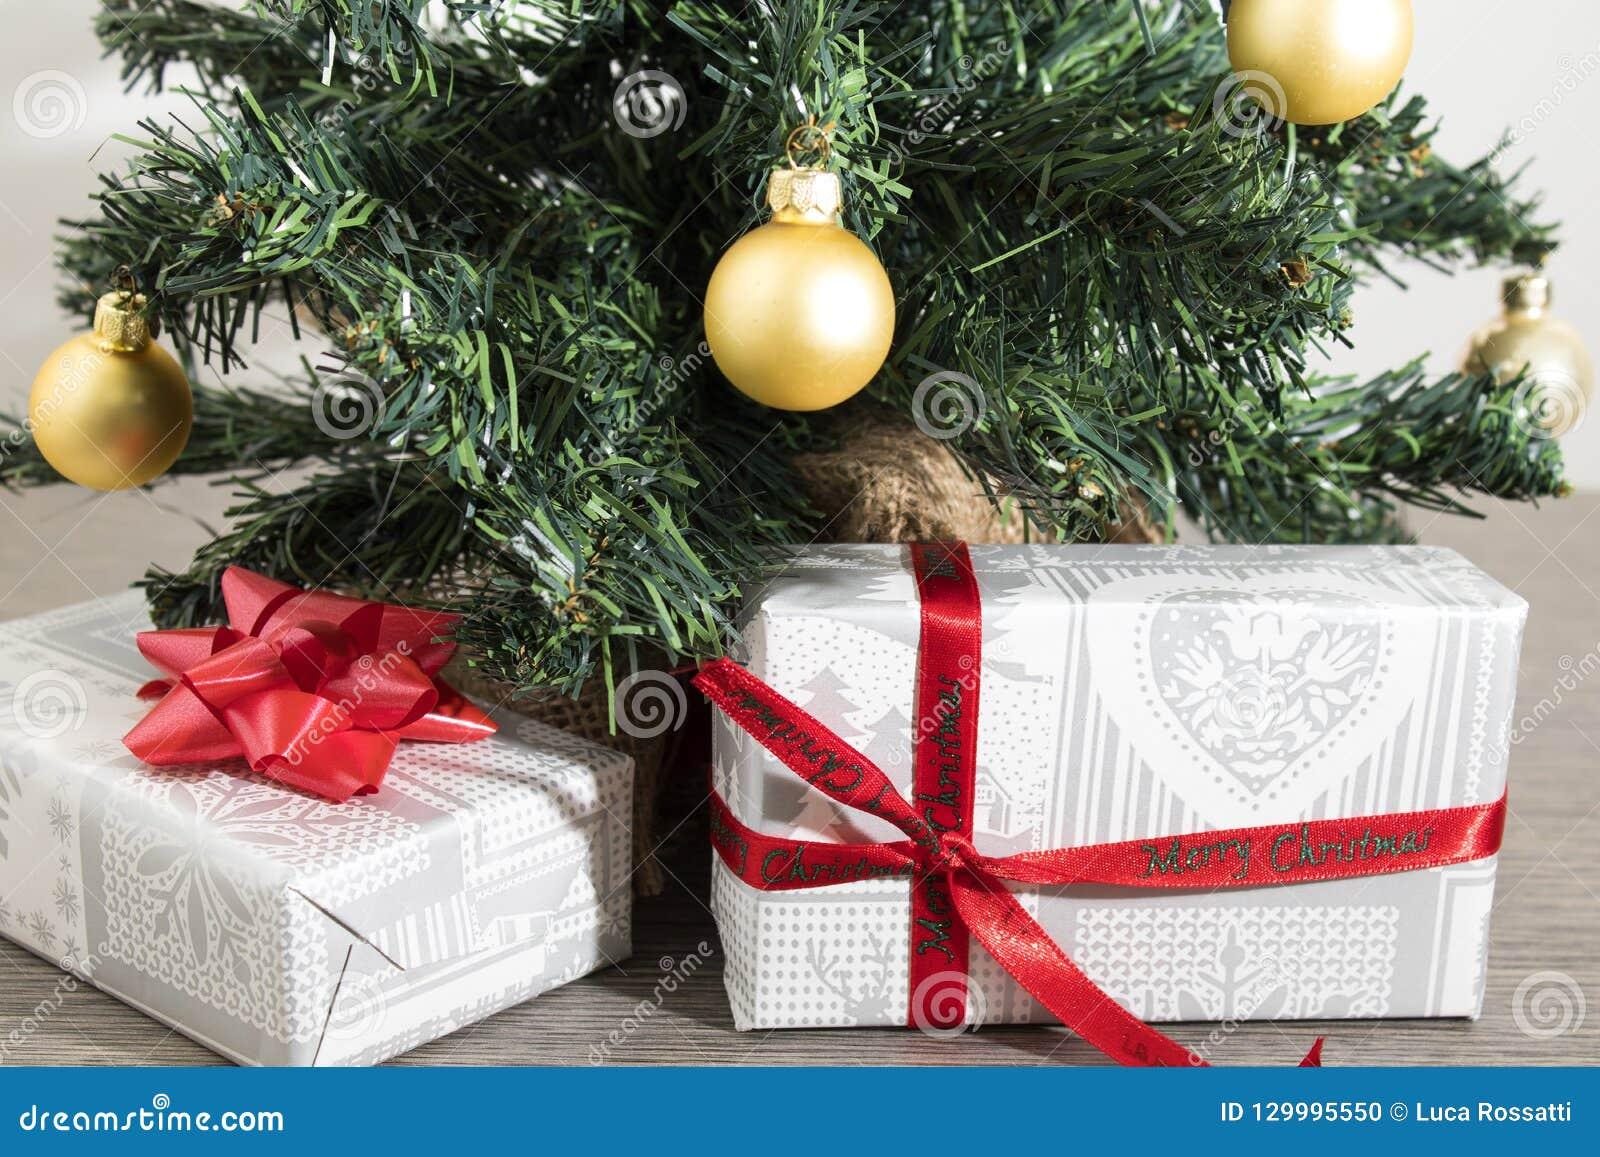 Albero di Natale verde con molti regali e decorazioni